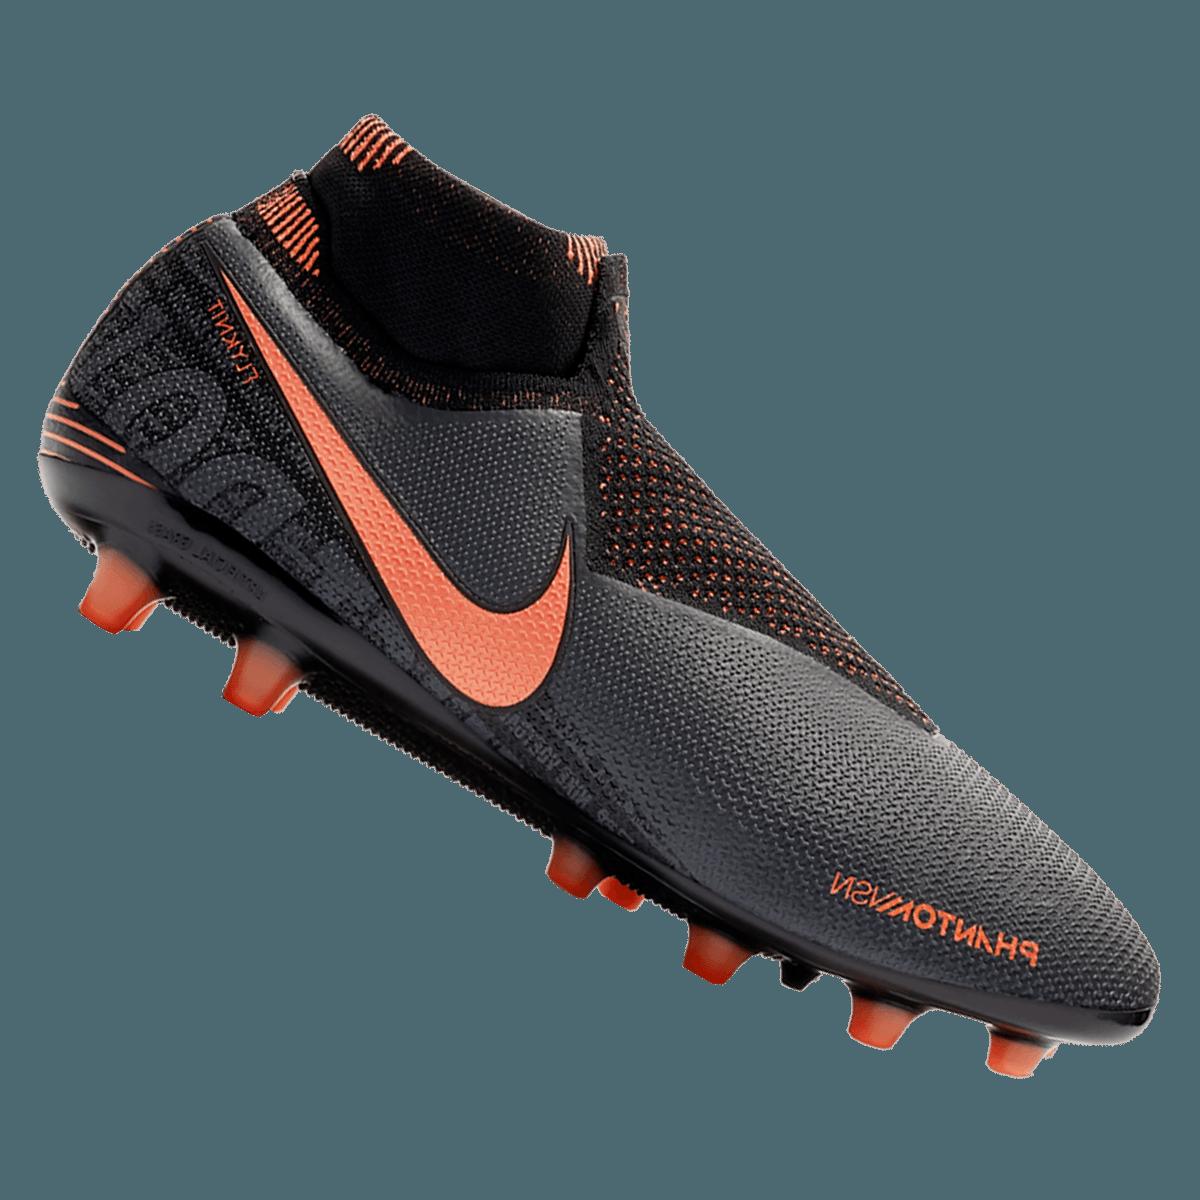 Nike Fußballschuh Phantom Vision Elite DynamicFit AG Pro Kunstrasen dunkelgrauorange